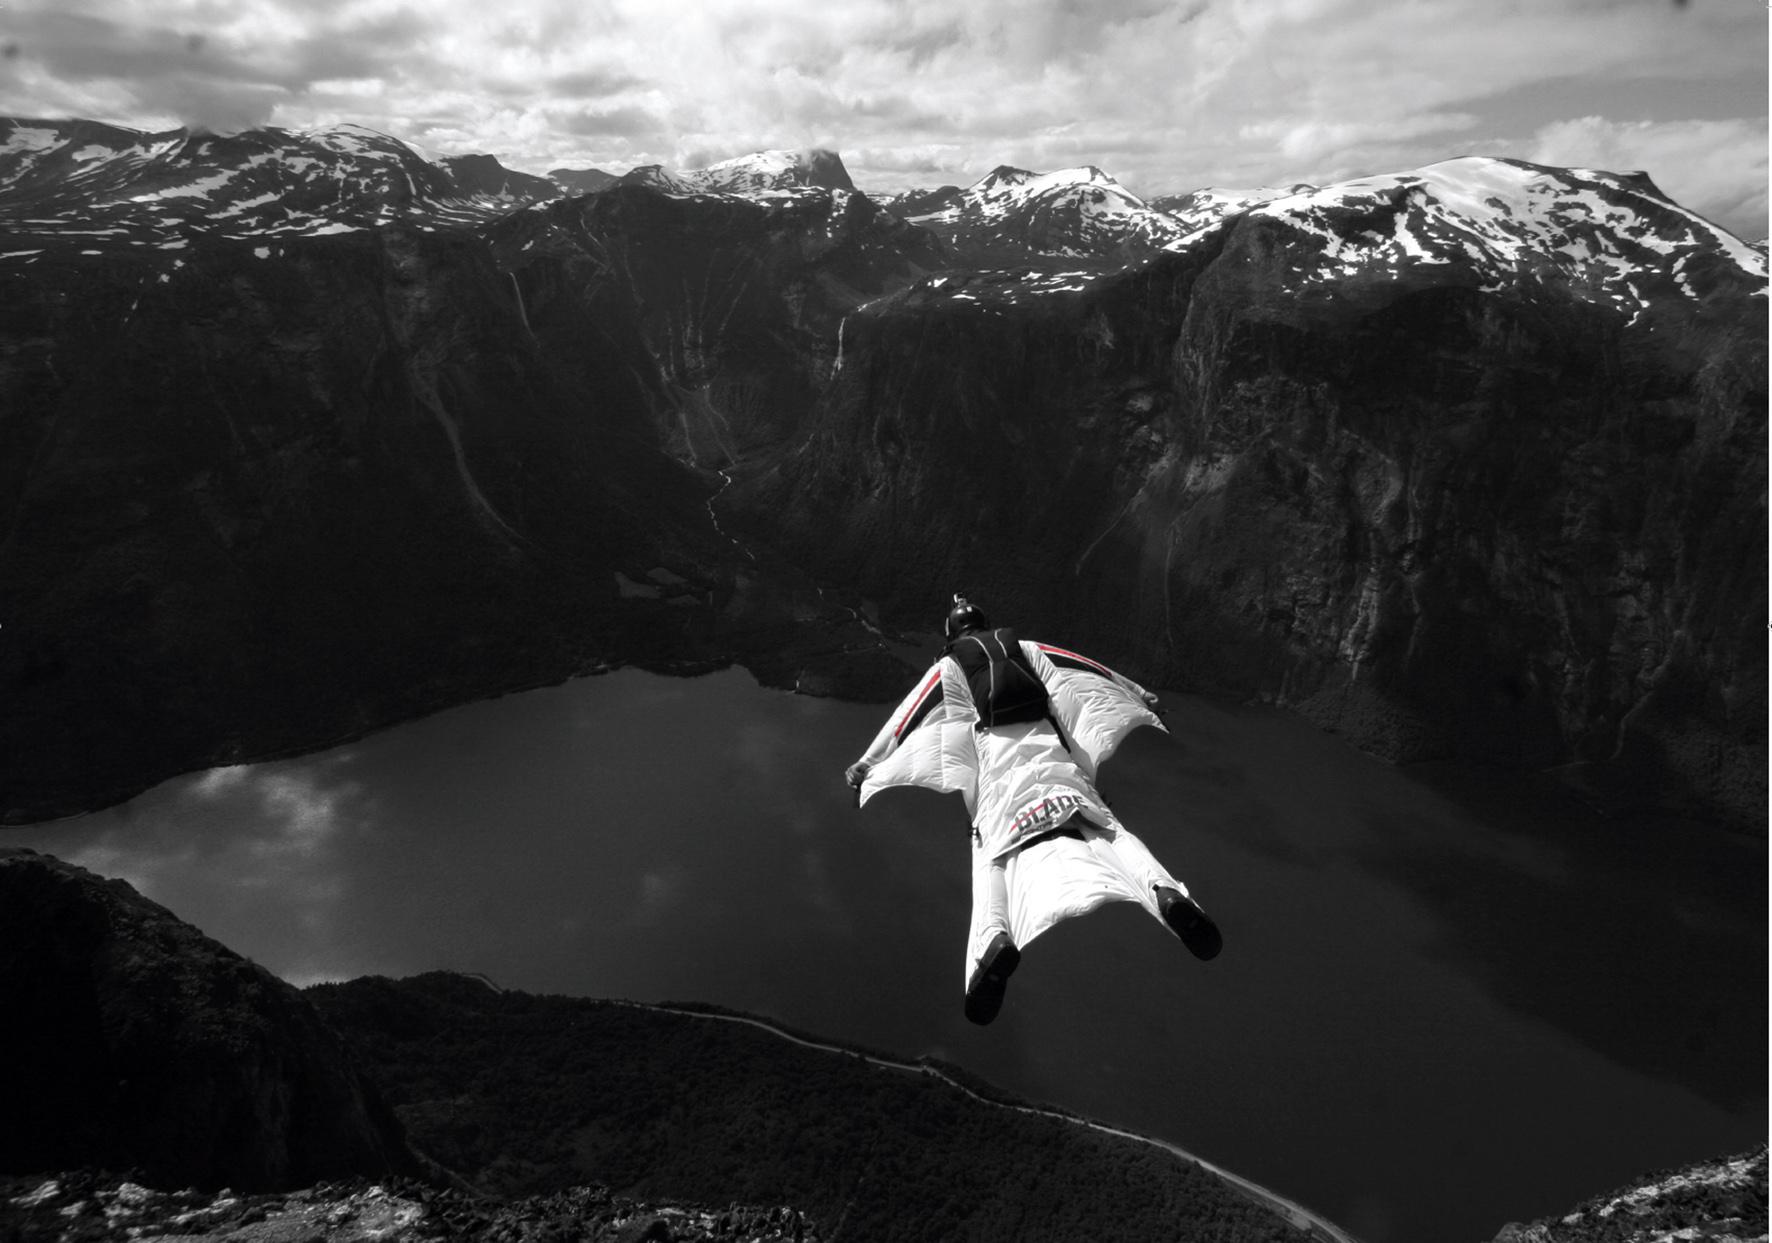 tuta alare da base jumping